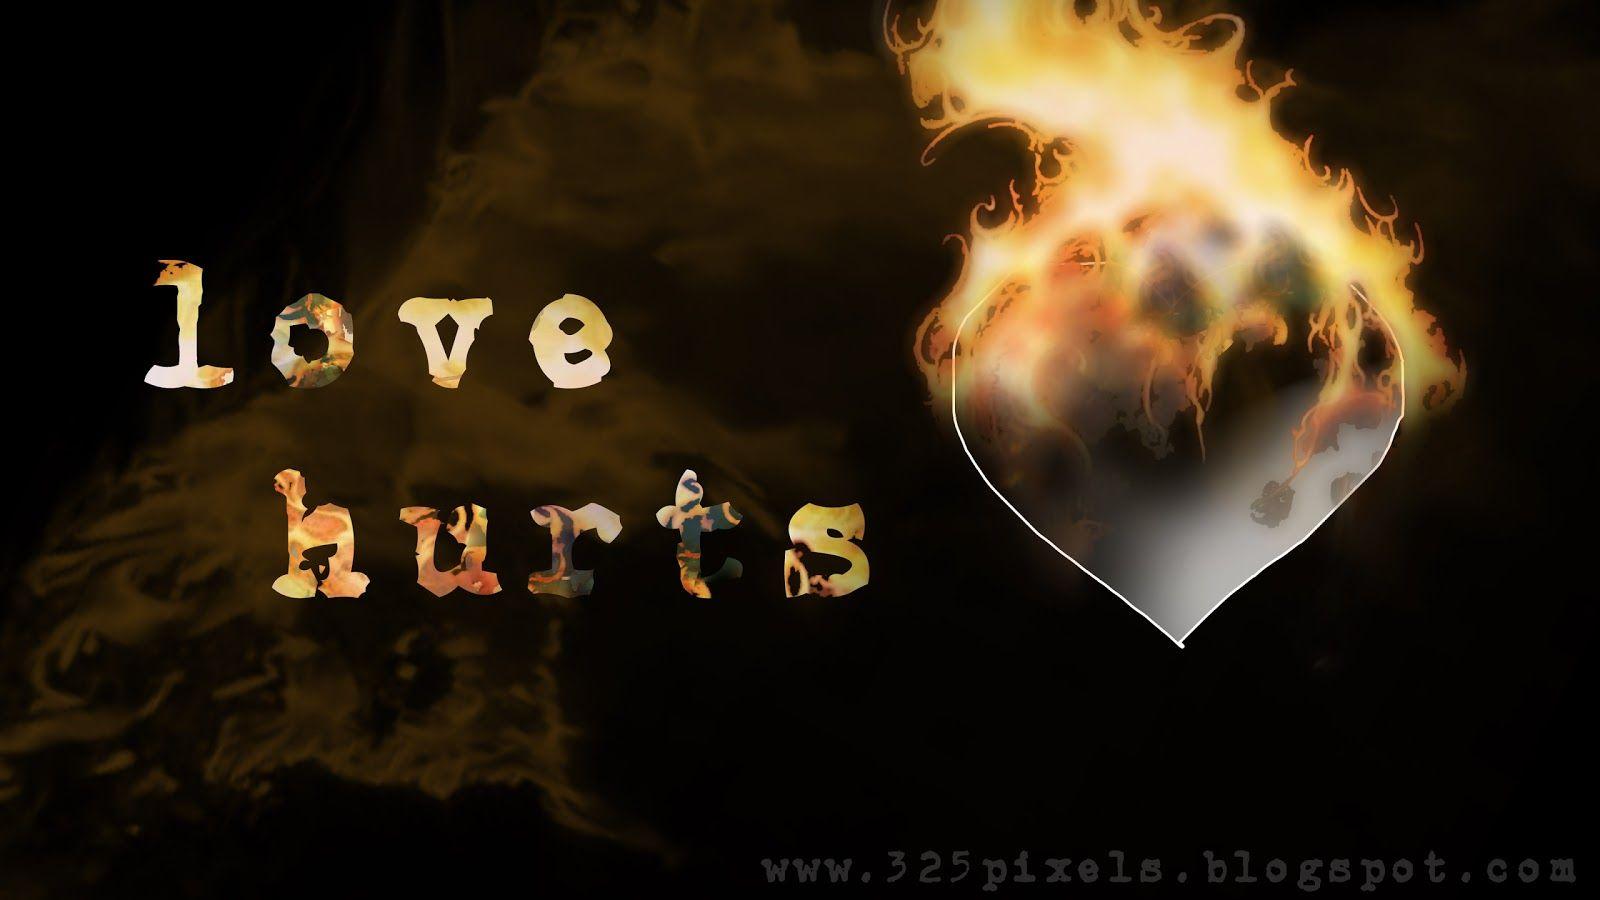 Beautiful Wallpaper Love Lover - 40353b315d5602a9b0d2d2411e358c69  Graphic_244178.jpg